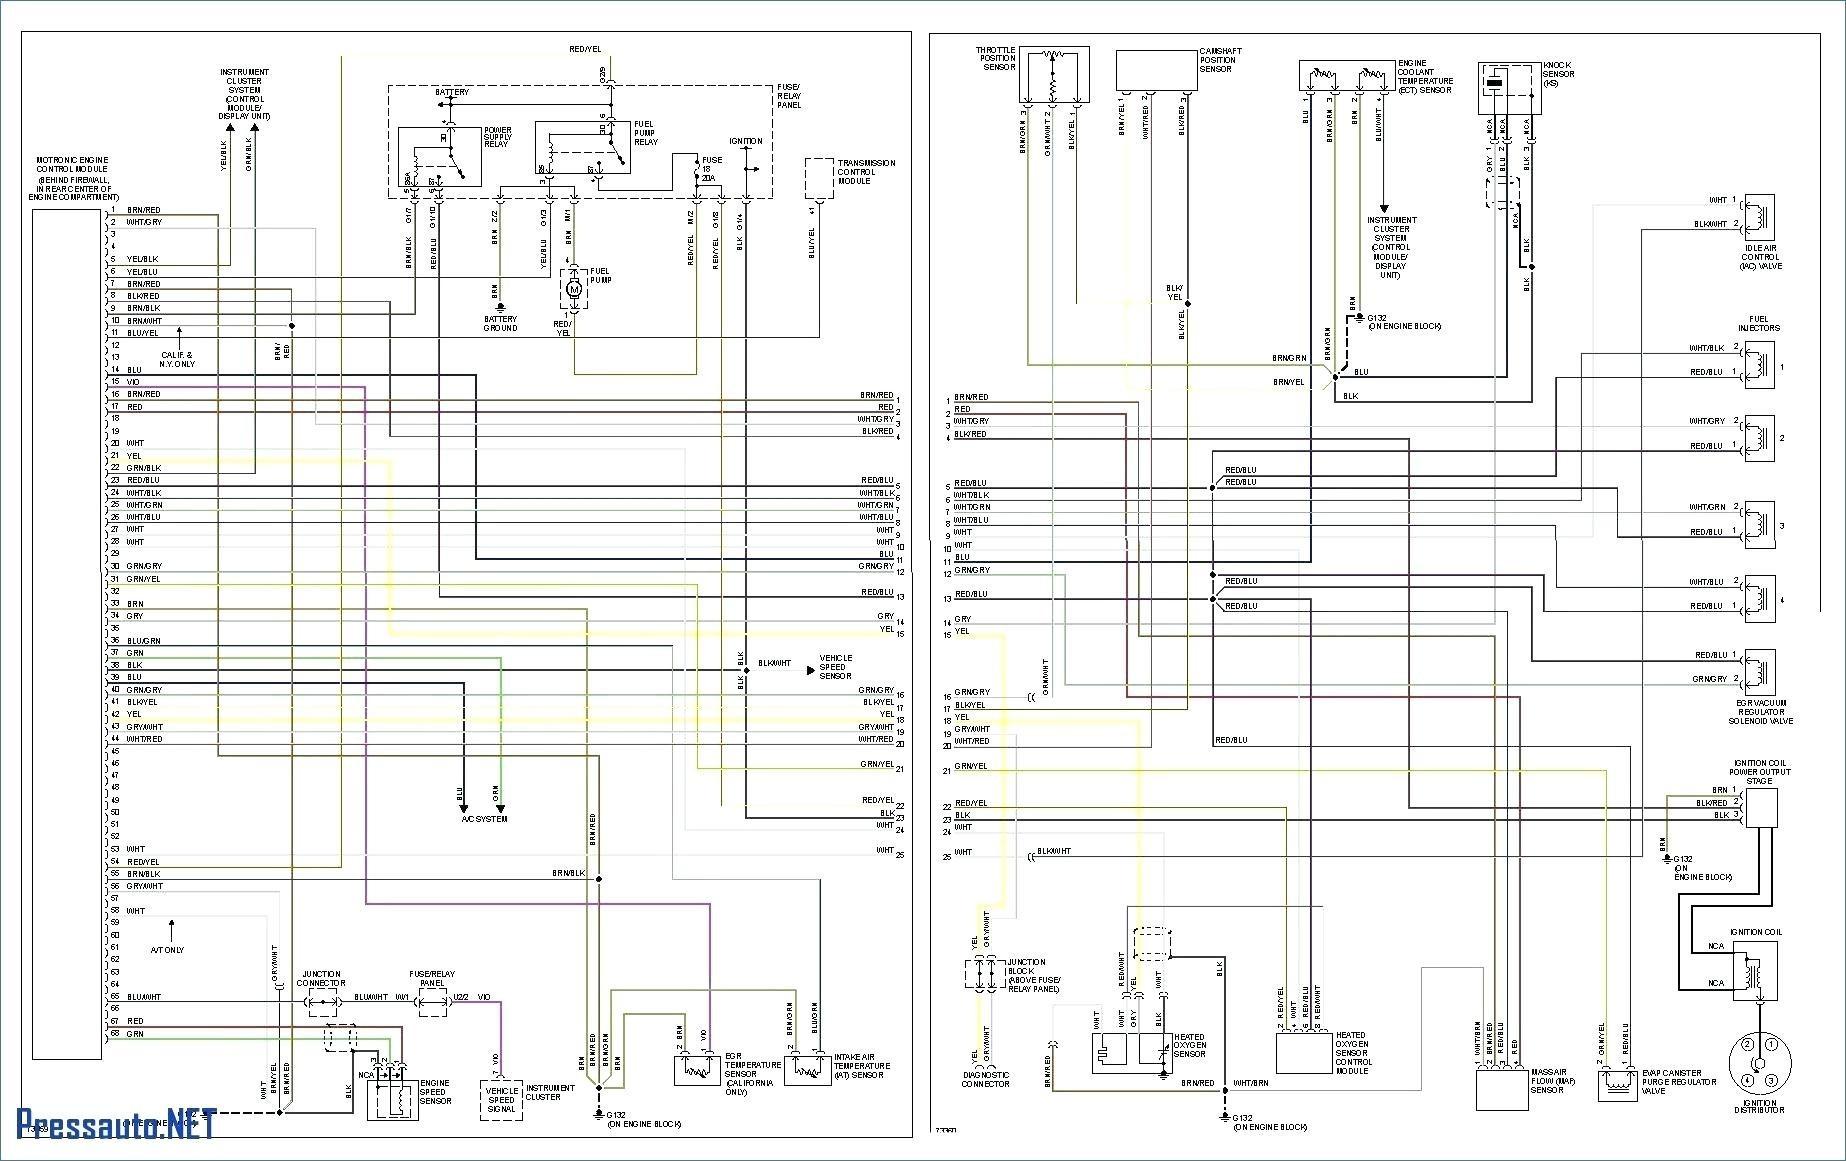 2001 Vw Passat 1 8 T Engine Diagram 2002 Volkswagen Jetta Engine Diagram Wiring Diagram Used Of 2001 Vw Passat 1 8 T Engine Diagram